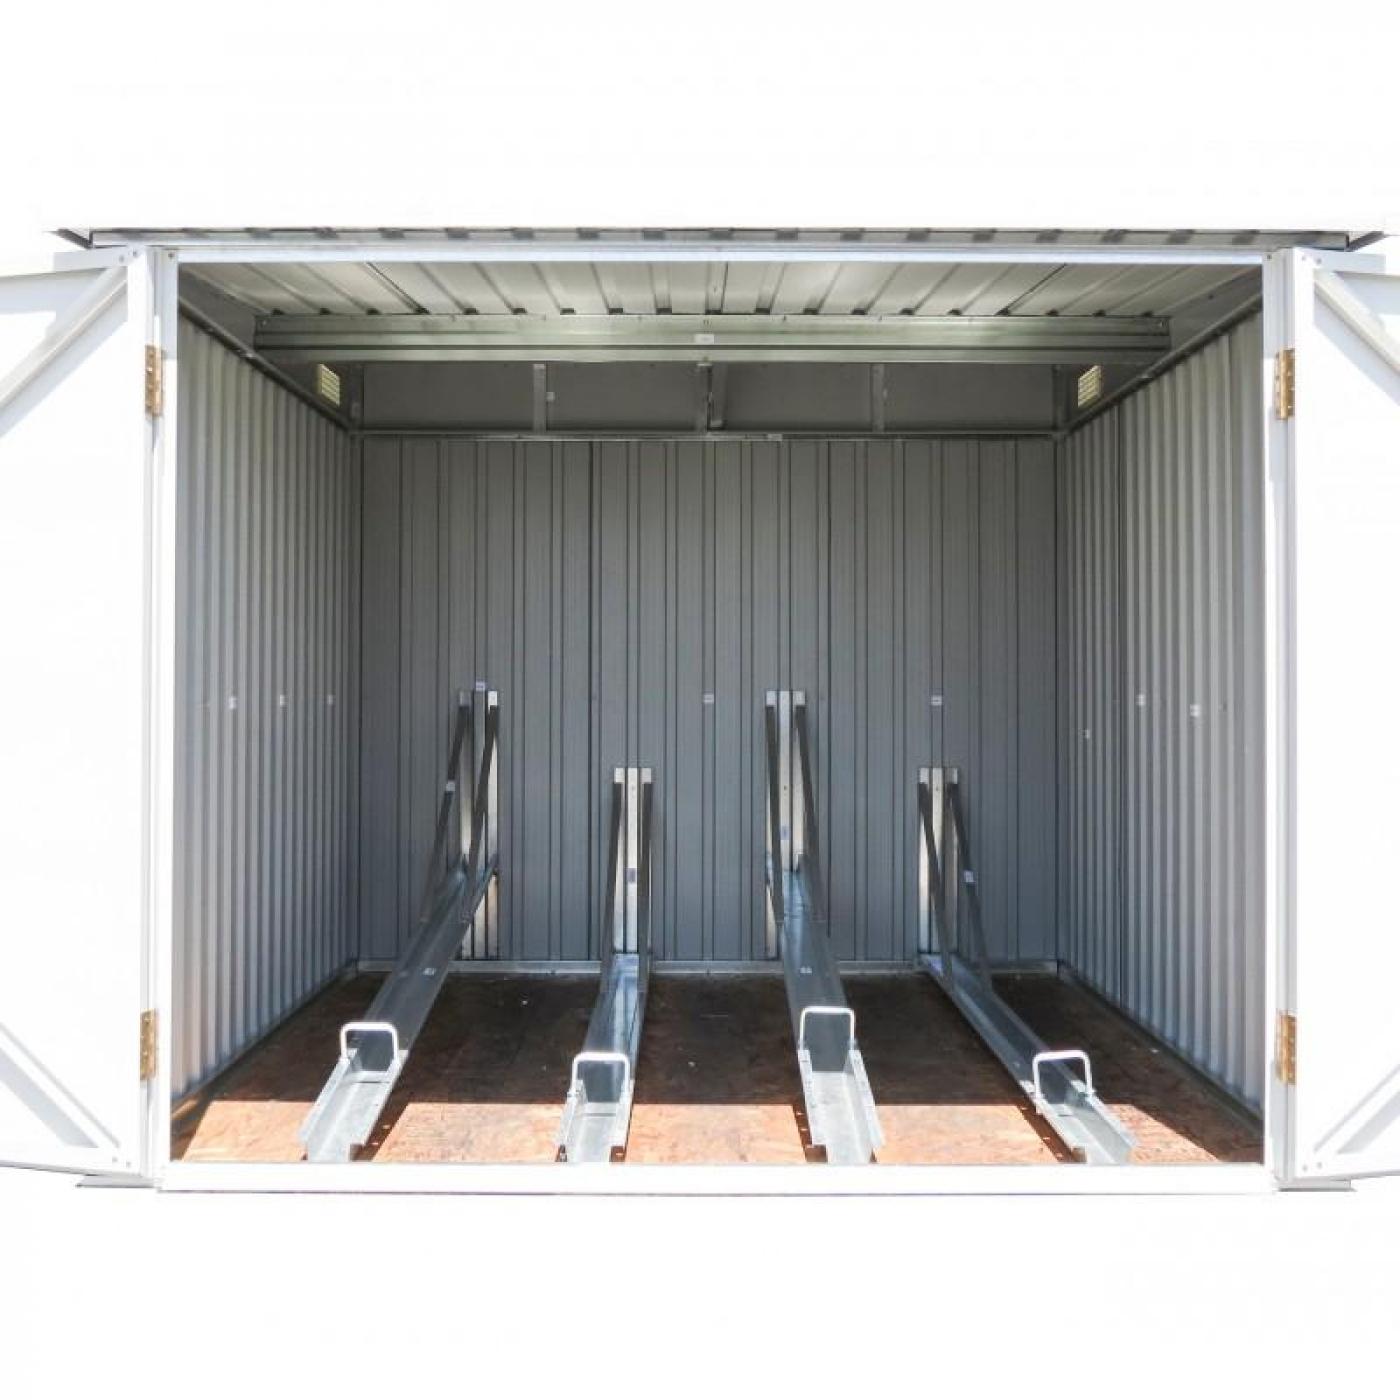 Caseta para guardar bicicletas duramax por 599 95 en for Armario exterior para guardar bicicletas